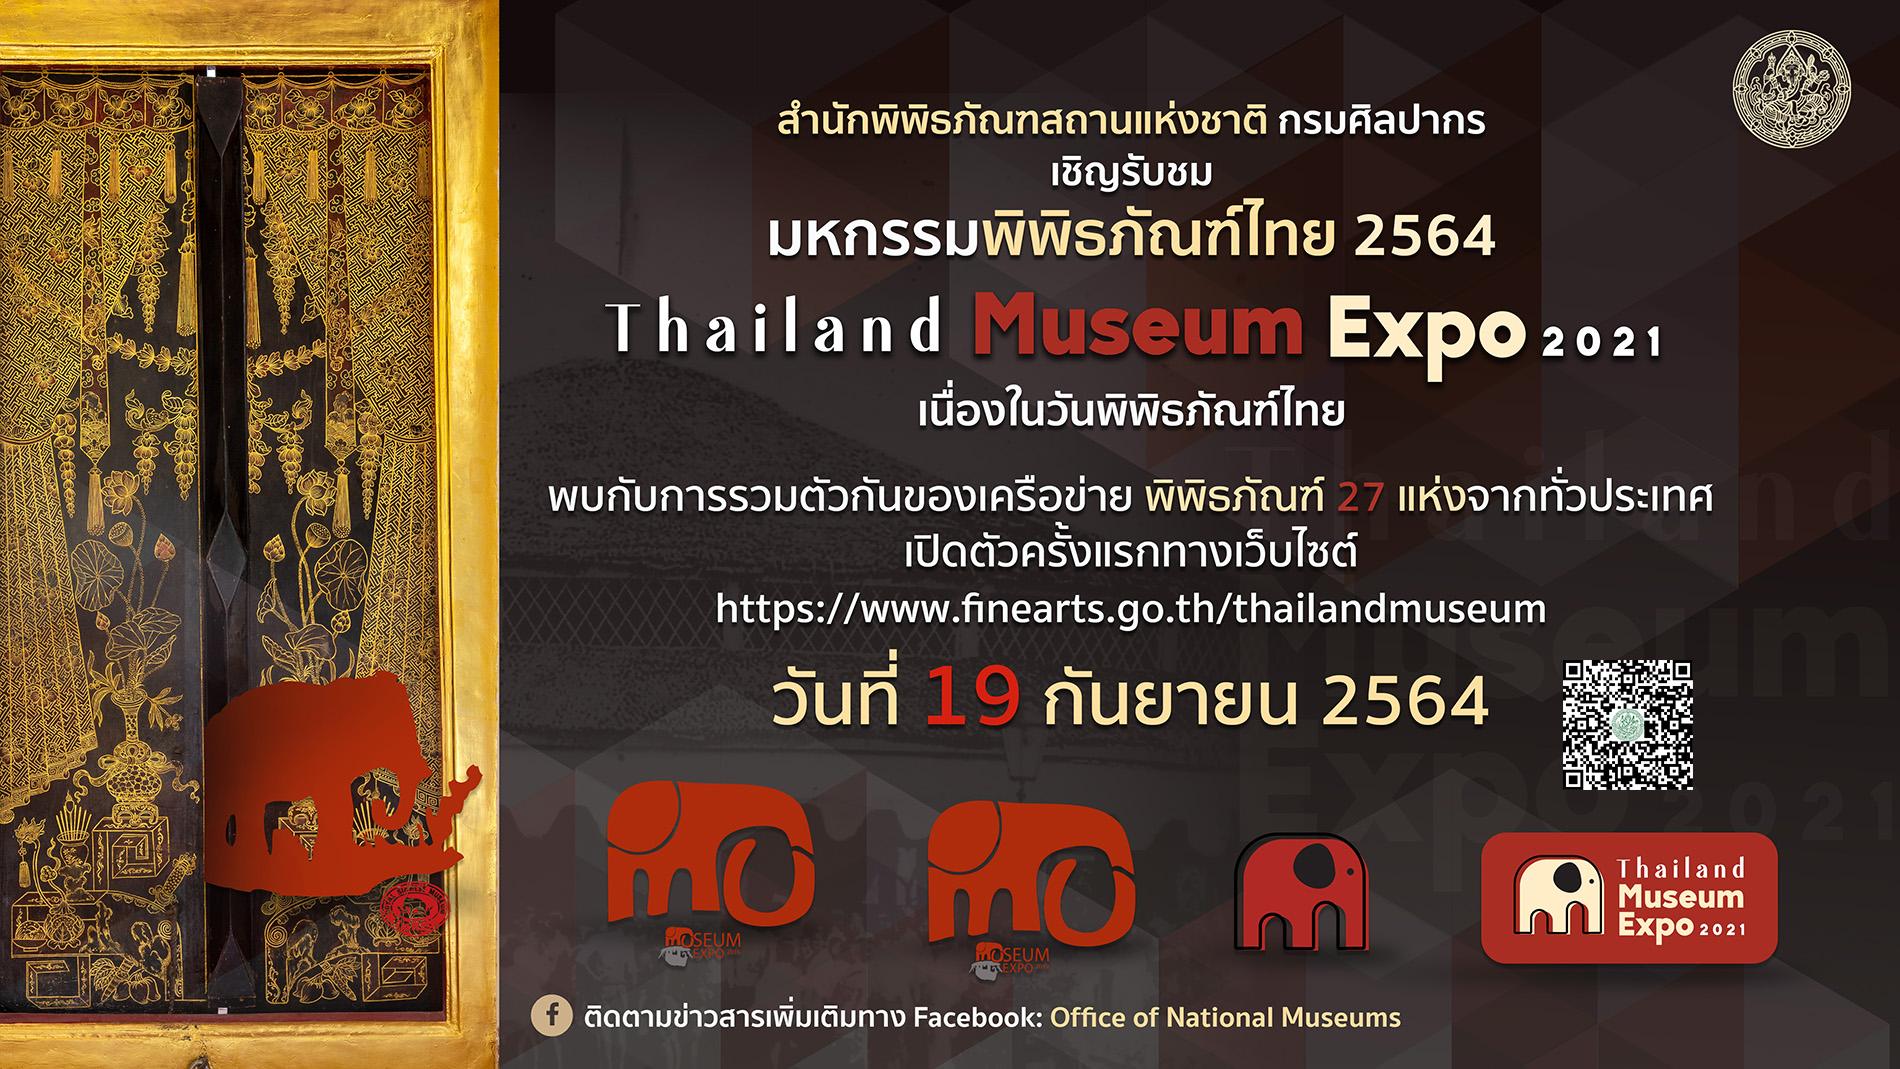 สำนักพิพิธภัณฑสถานแห่งชาติ กรมศิลปากร เชิญร่วมกิจกรรมมหกรรมพิพิธภัณฑ์ไทย 2564